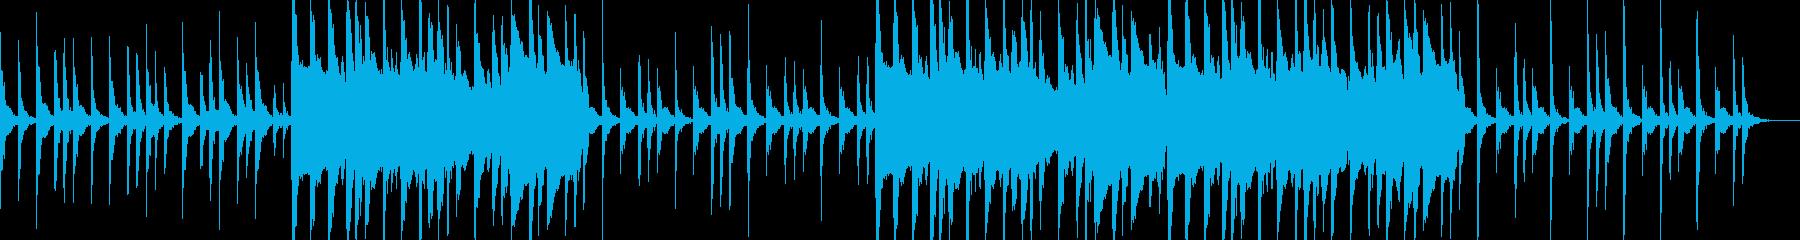 沖縄風BGM。三線などの再生済みの波形